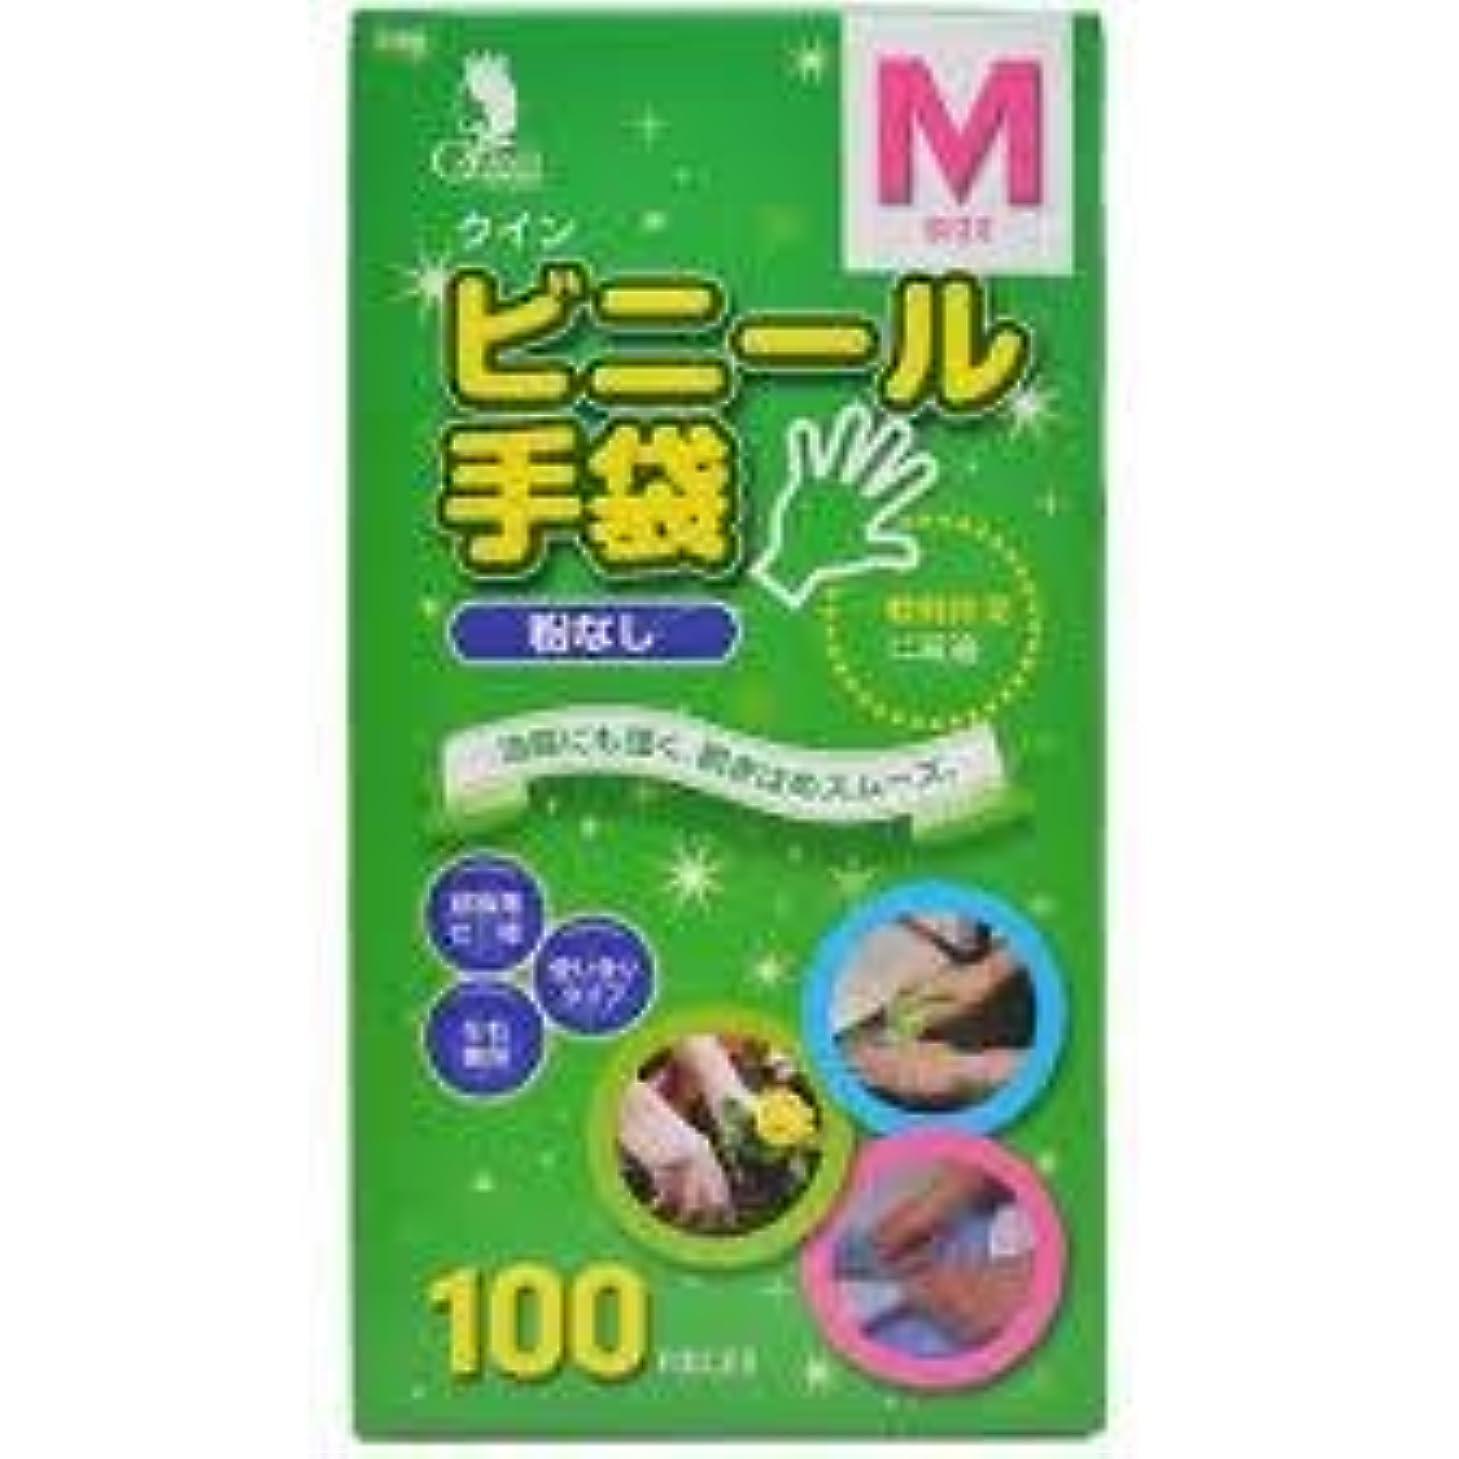 陰謀日記購入宇都宮製作 クイン ビニール手袋(パウダーフリー) M100枚×20点セット (4976366006931)